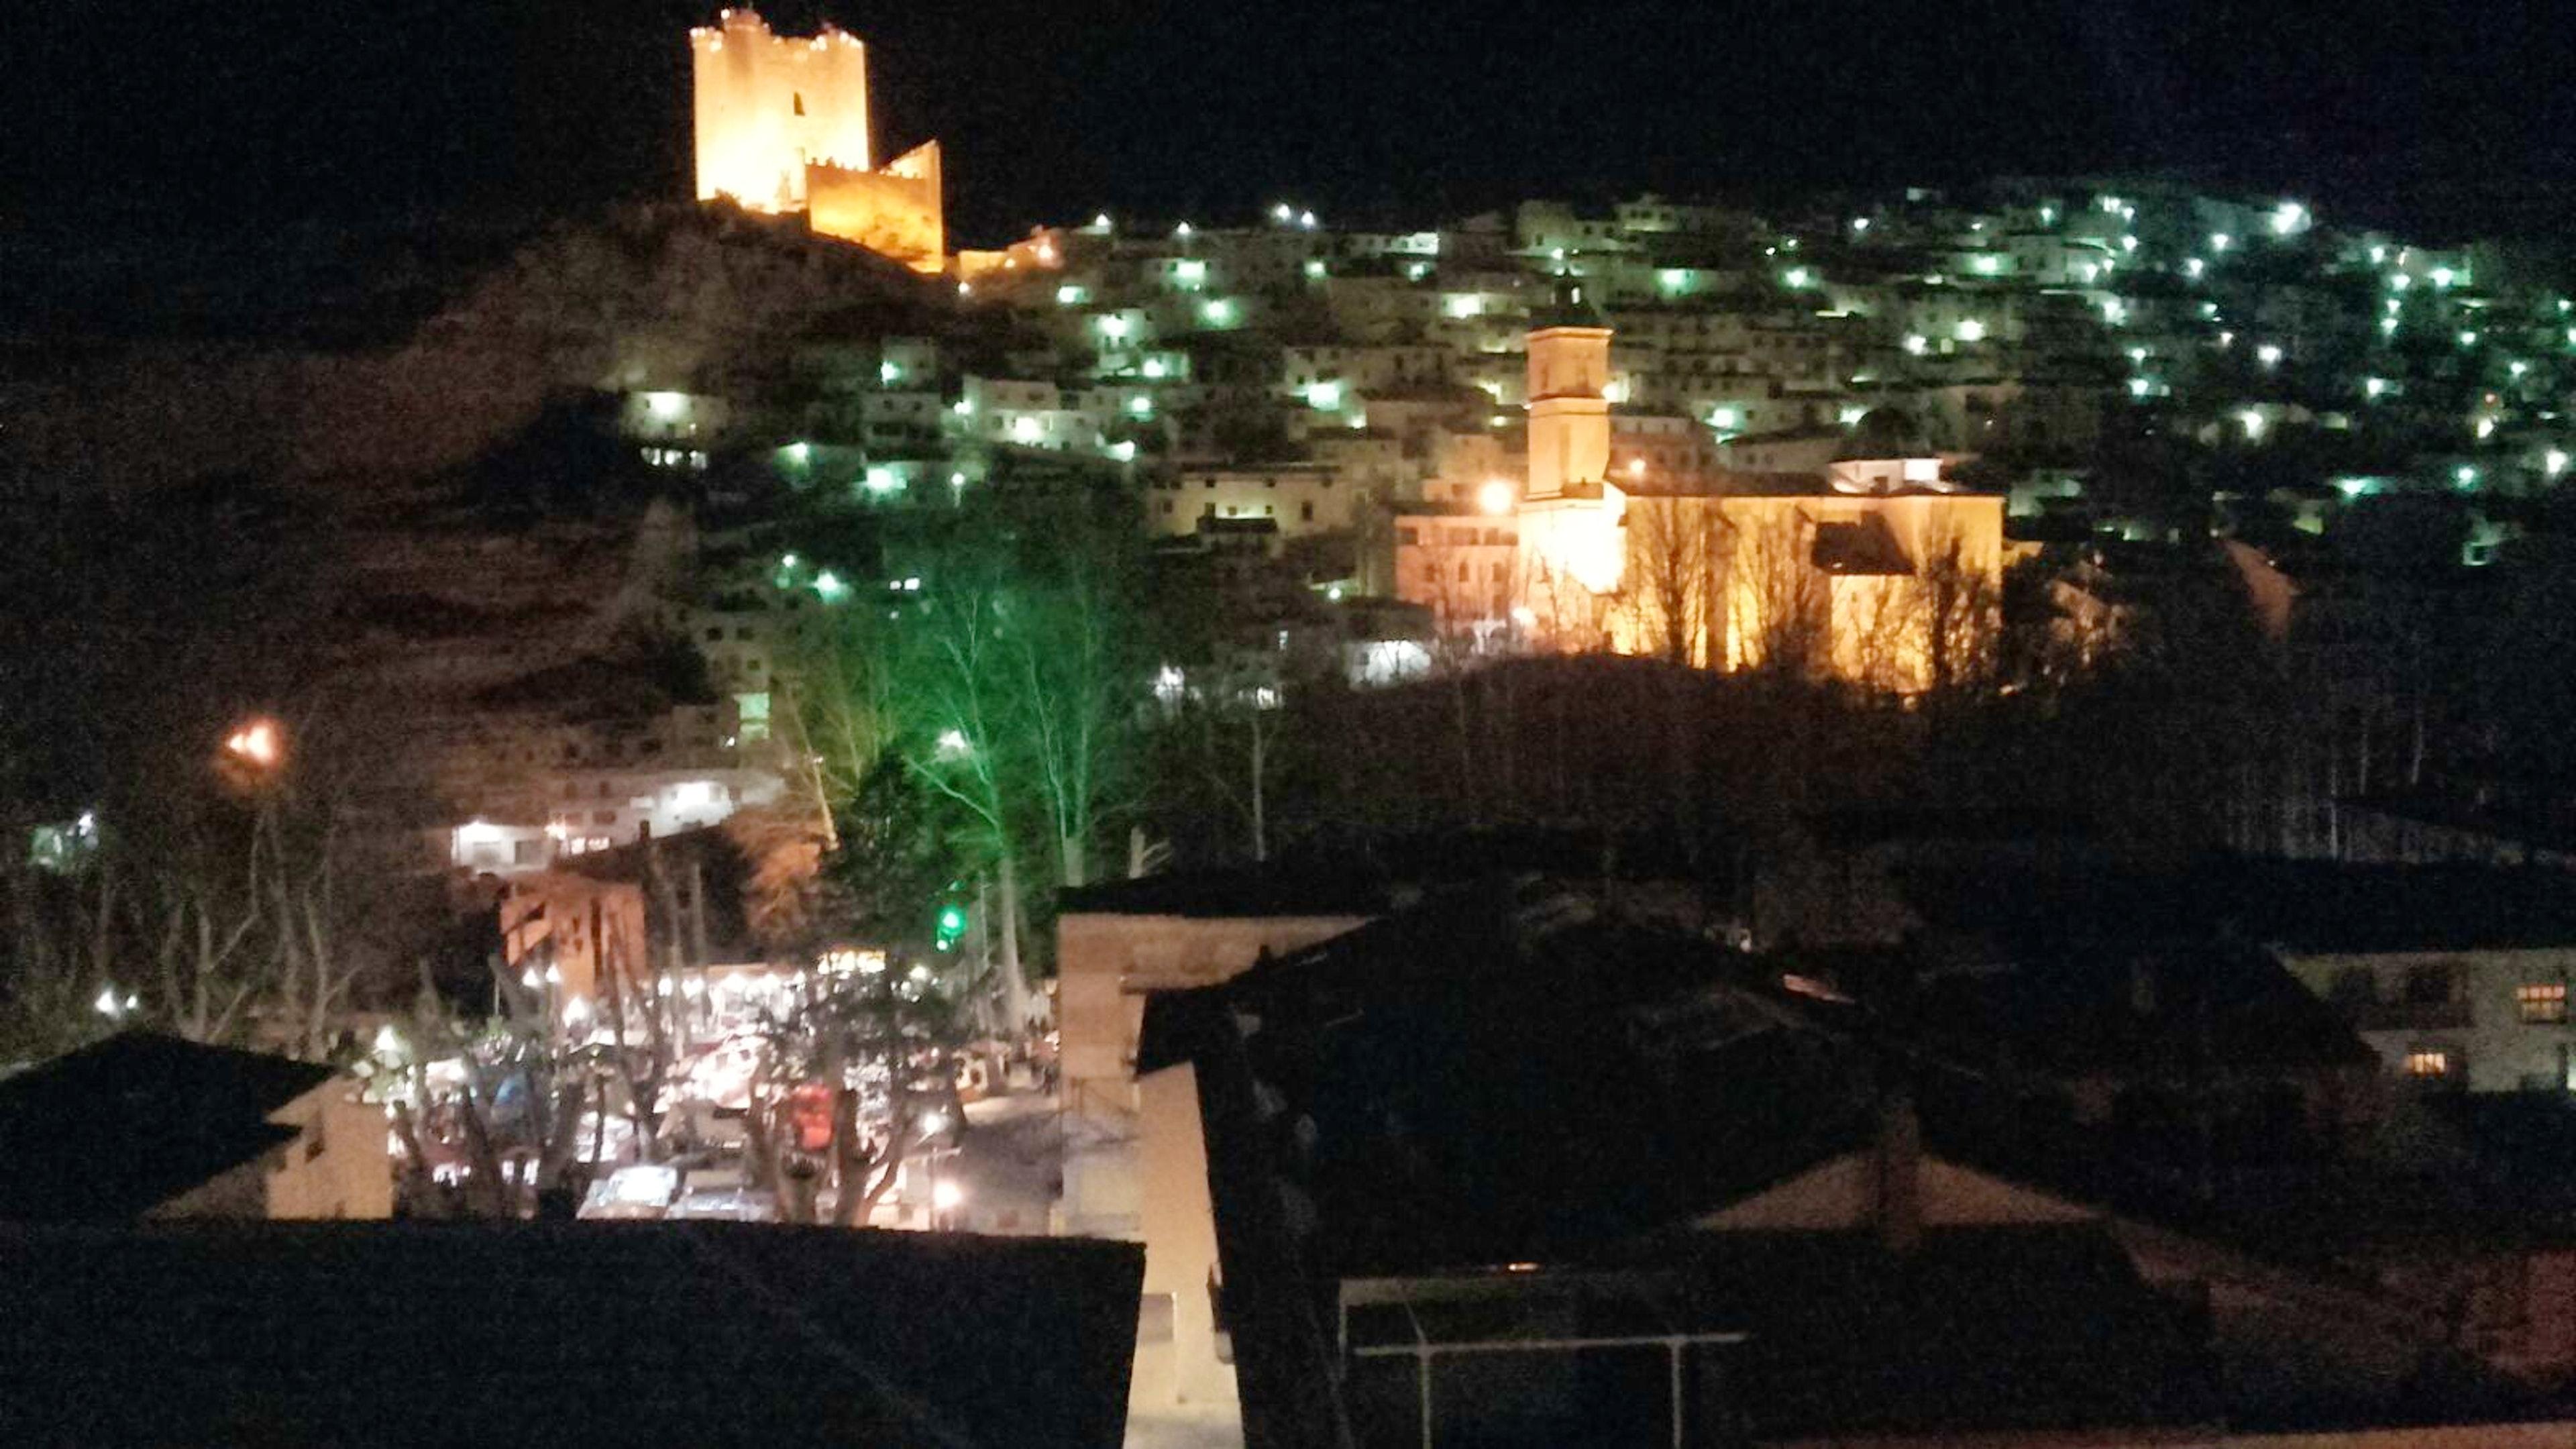 Ferienhaus Haus mit 5 Schlafzimmern in Casas del Cerro mit toller Aussicht auf die Berge und möbliert (2201517), Casas del Cerro, Albacete, Kastilien-La Mancha, Spanien, Bild 33